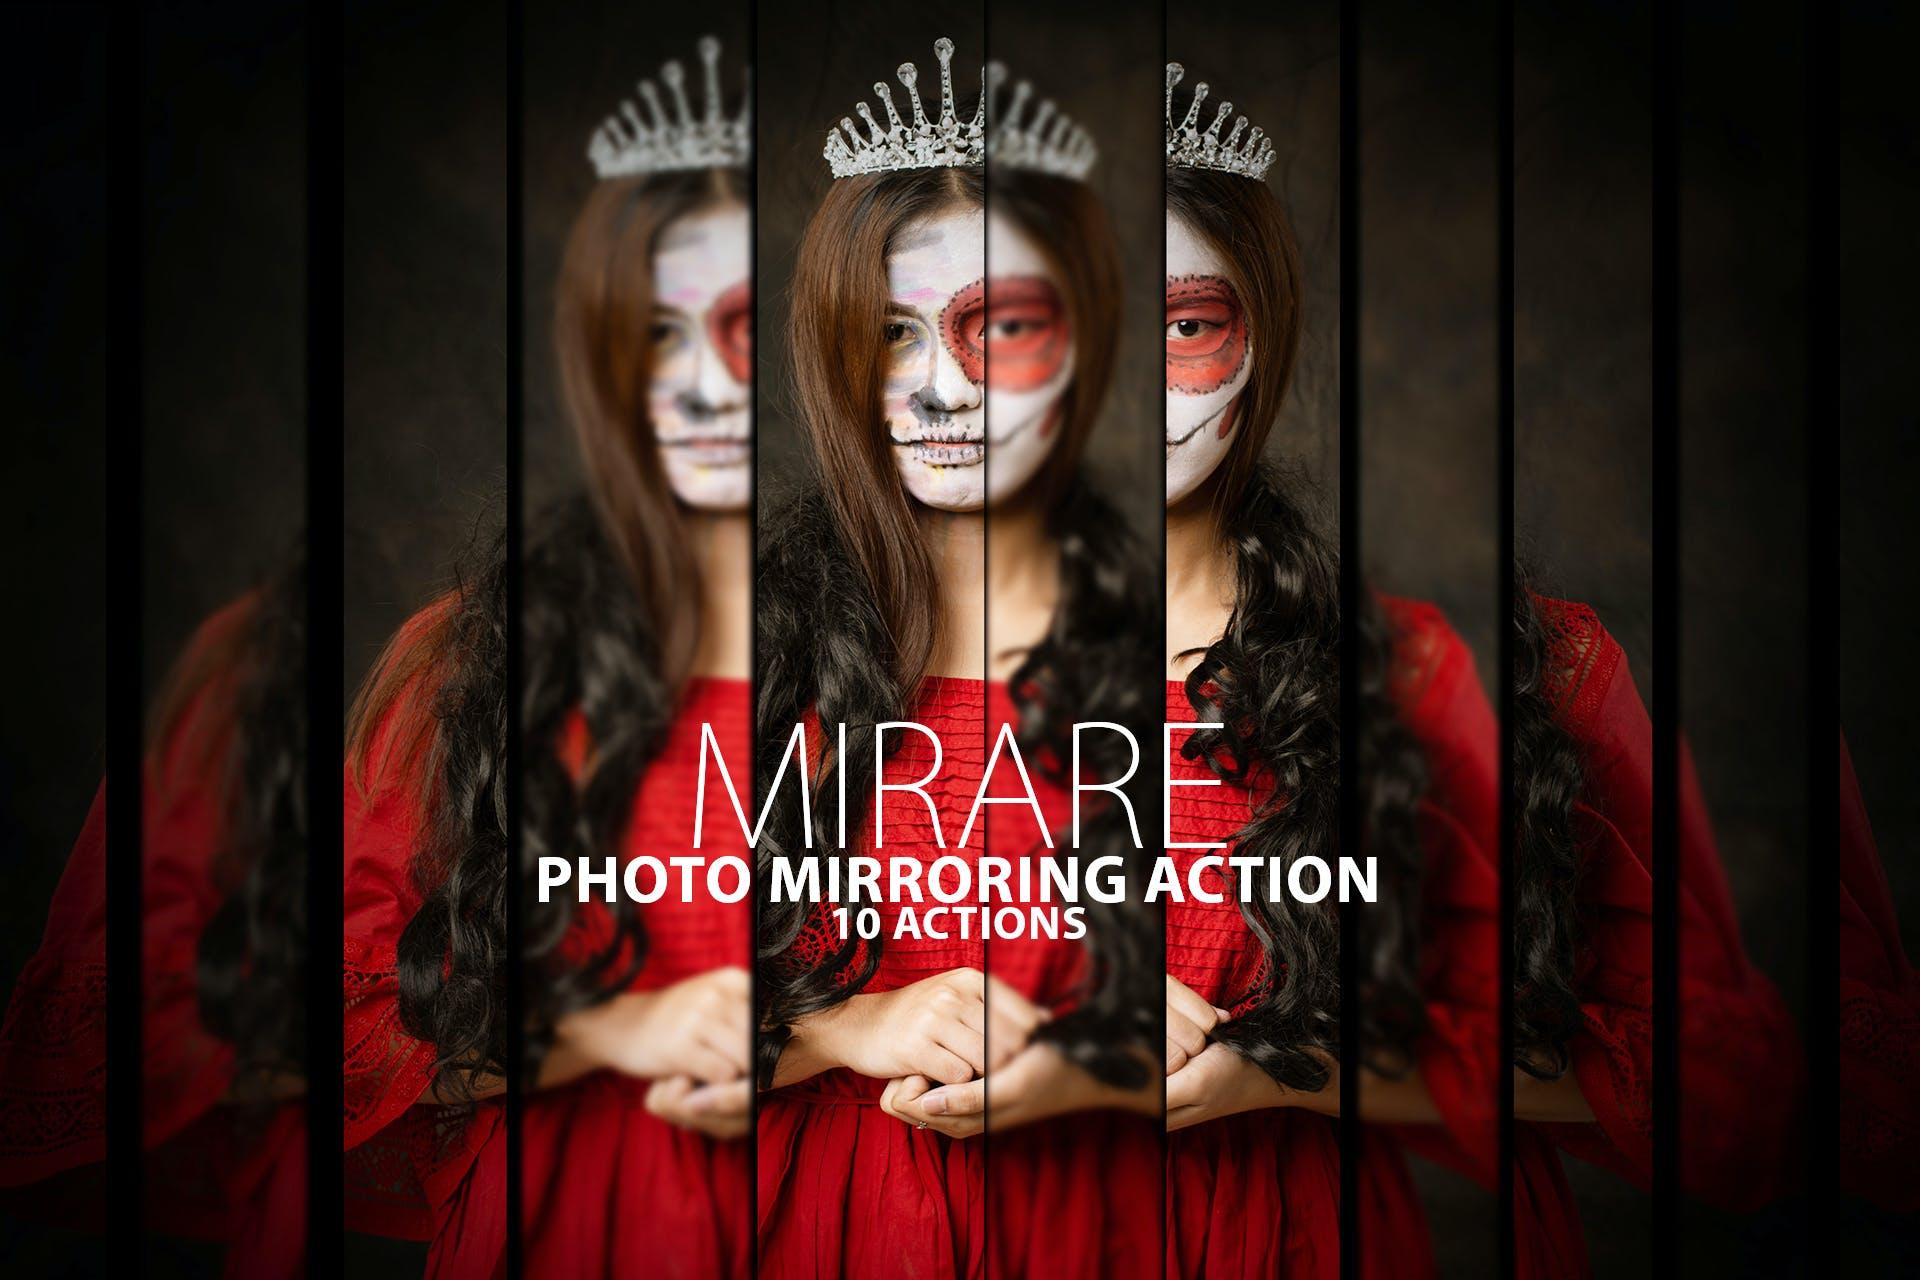 photoshop reflection effect